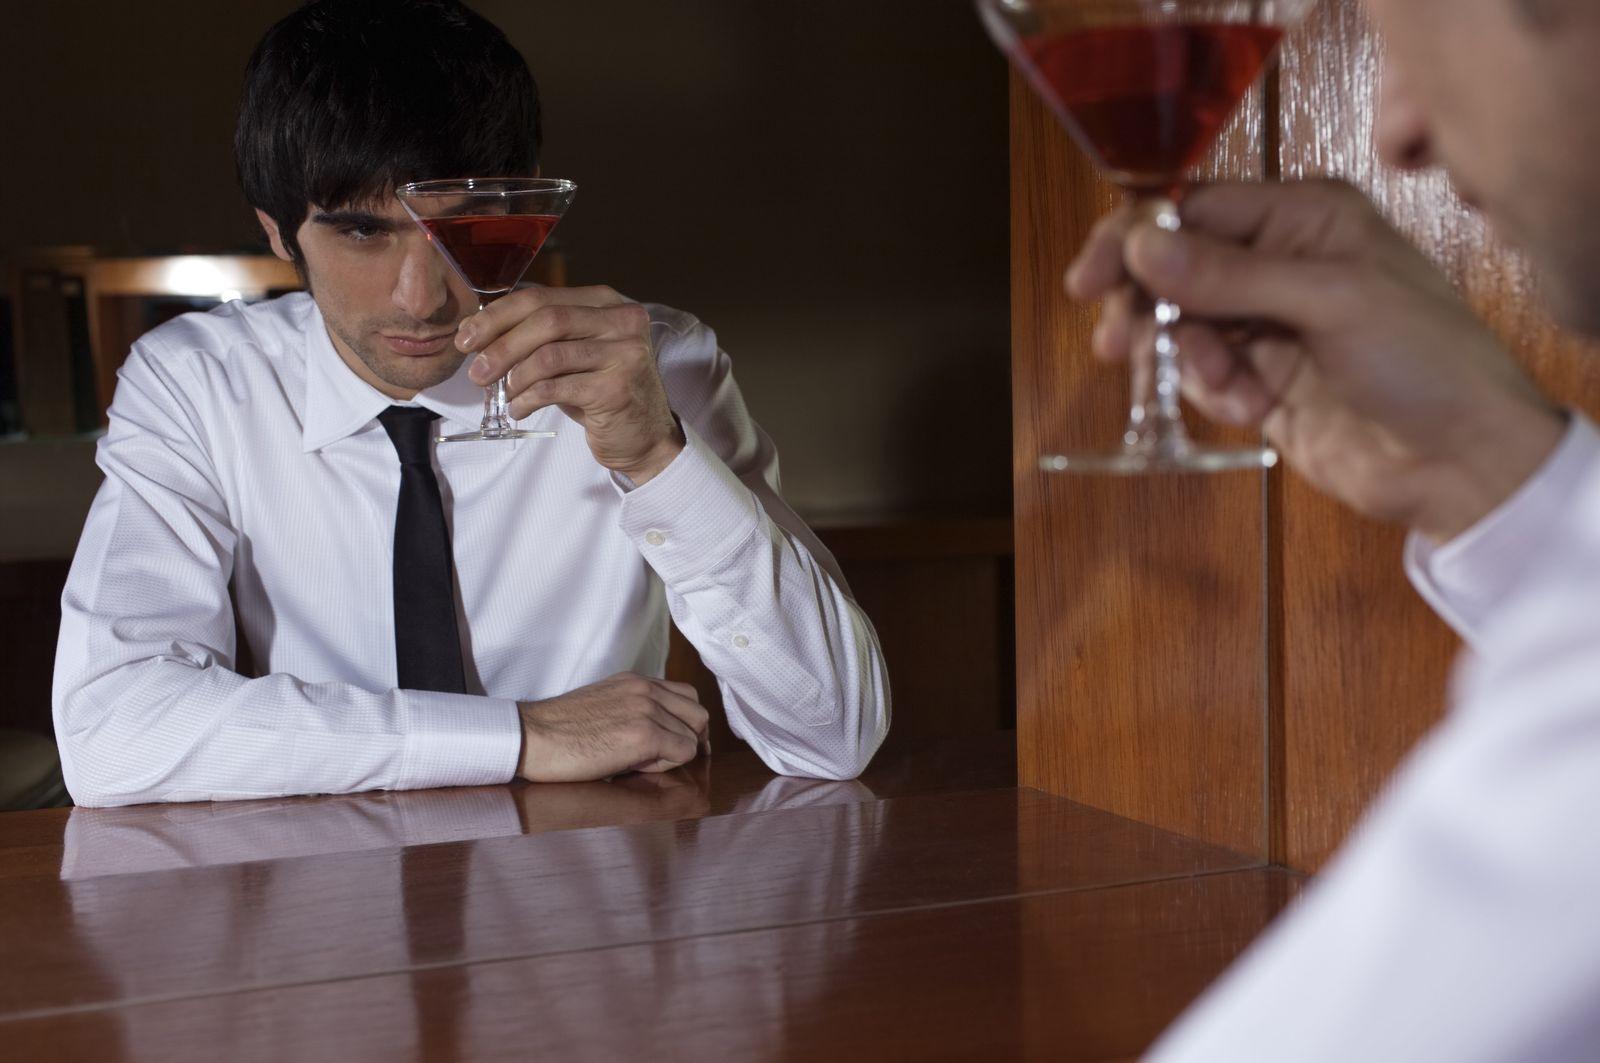 NICHT MEHR VERWENDEN! - Alkohol / Cocktail